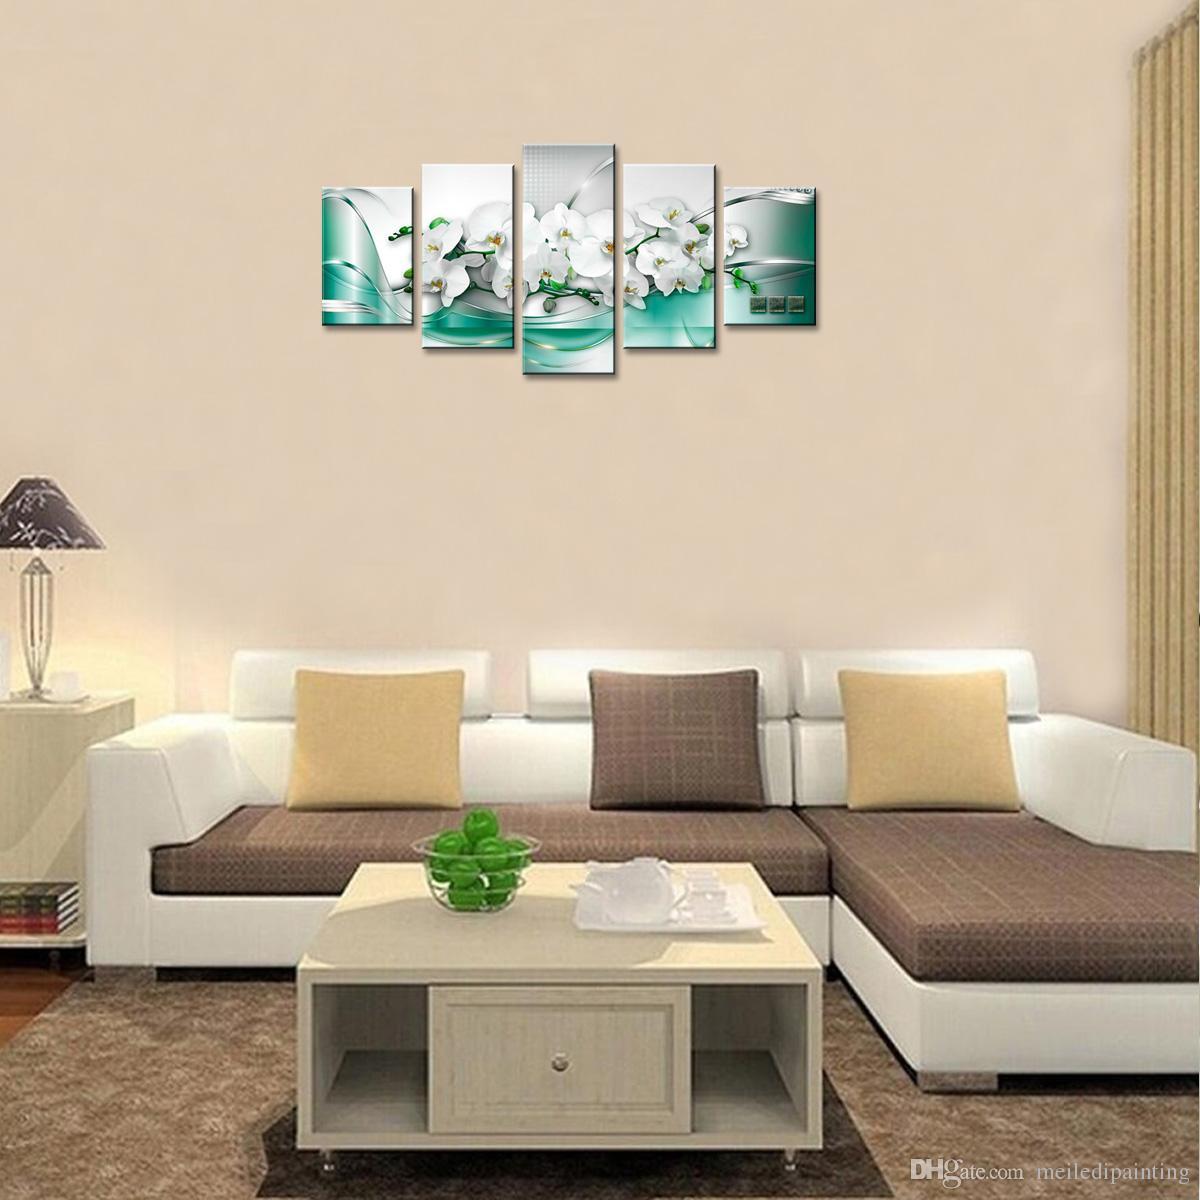 5 Piezas Pintura de la Lona Flores de Orquídeas Blancas Arte de la Pared Pintura Fondo de la Cinta Verde Arte de la Pared Para La Decoración Casera con Regalos Enmarcados De Madera